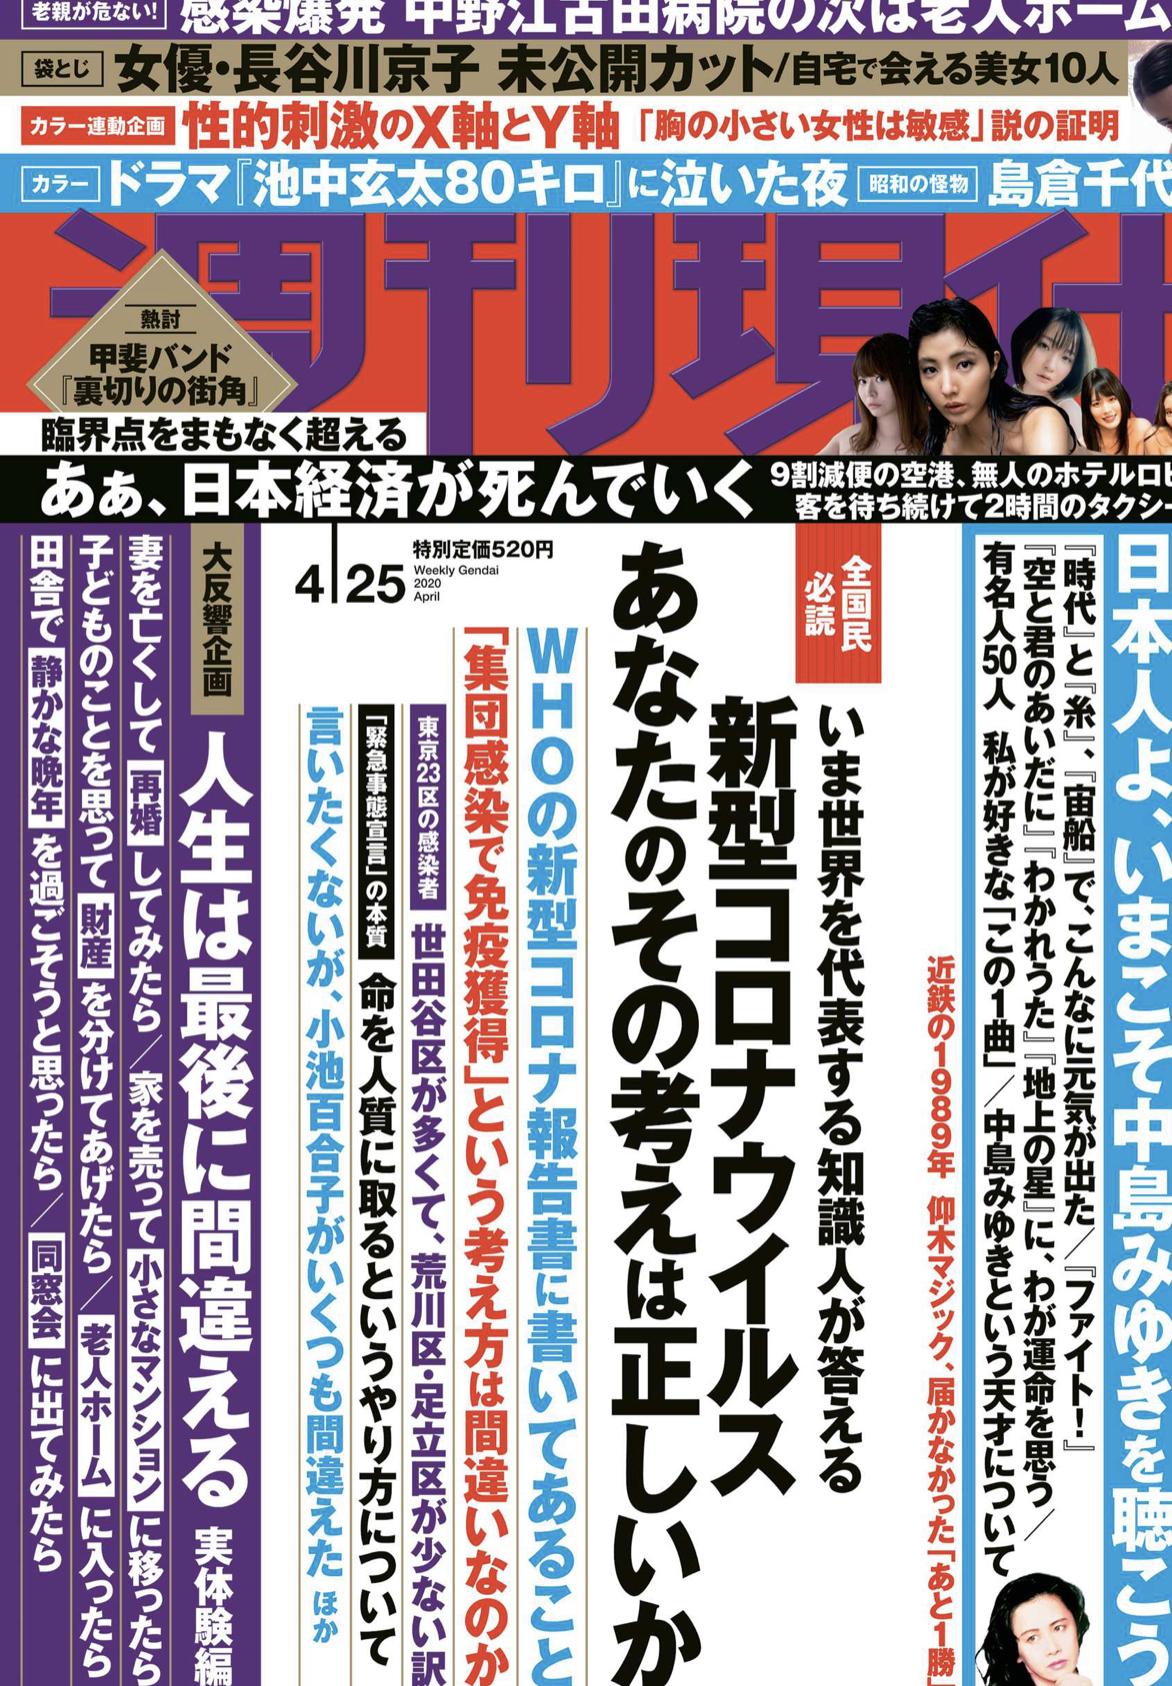 長谷川京子の週刊現代・袋とじ画像!中身を無料ネタバレ